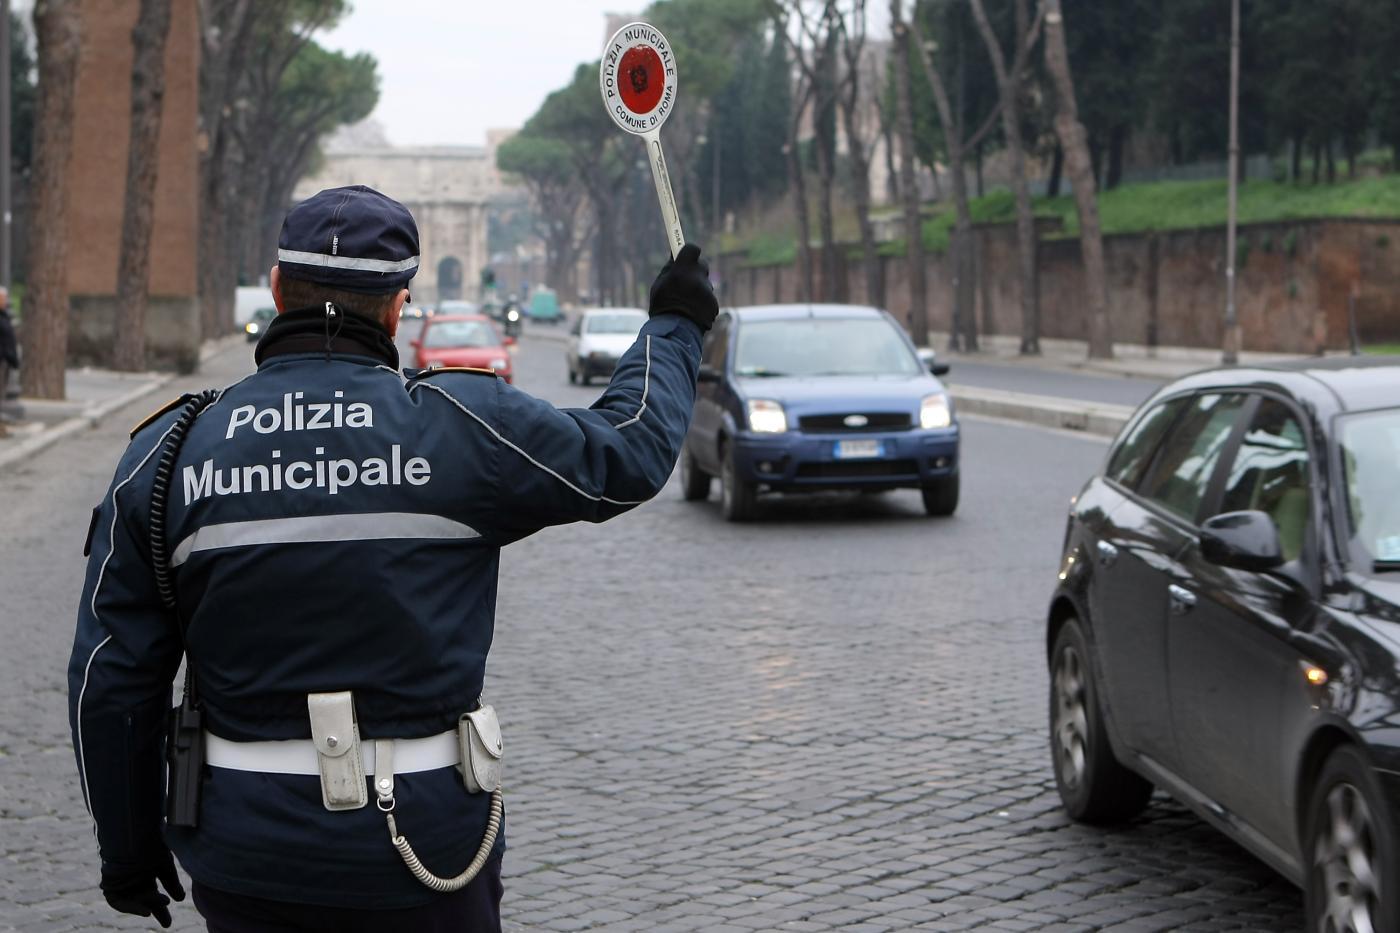 Scadenze: entro fine maggio i Comuni devono segnalare i proventi delle sanzioni del Codice della strada